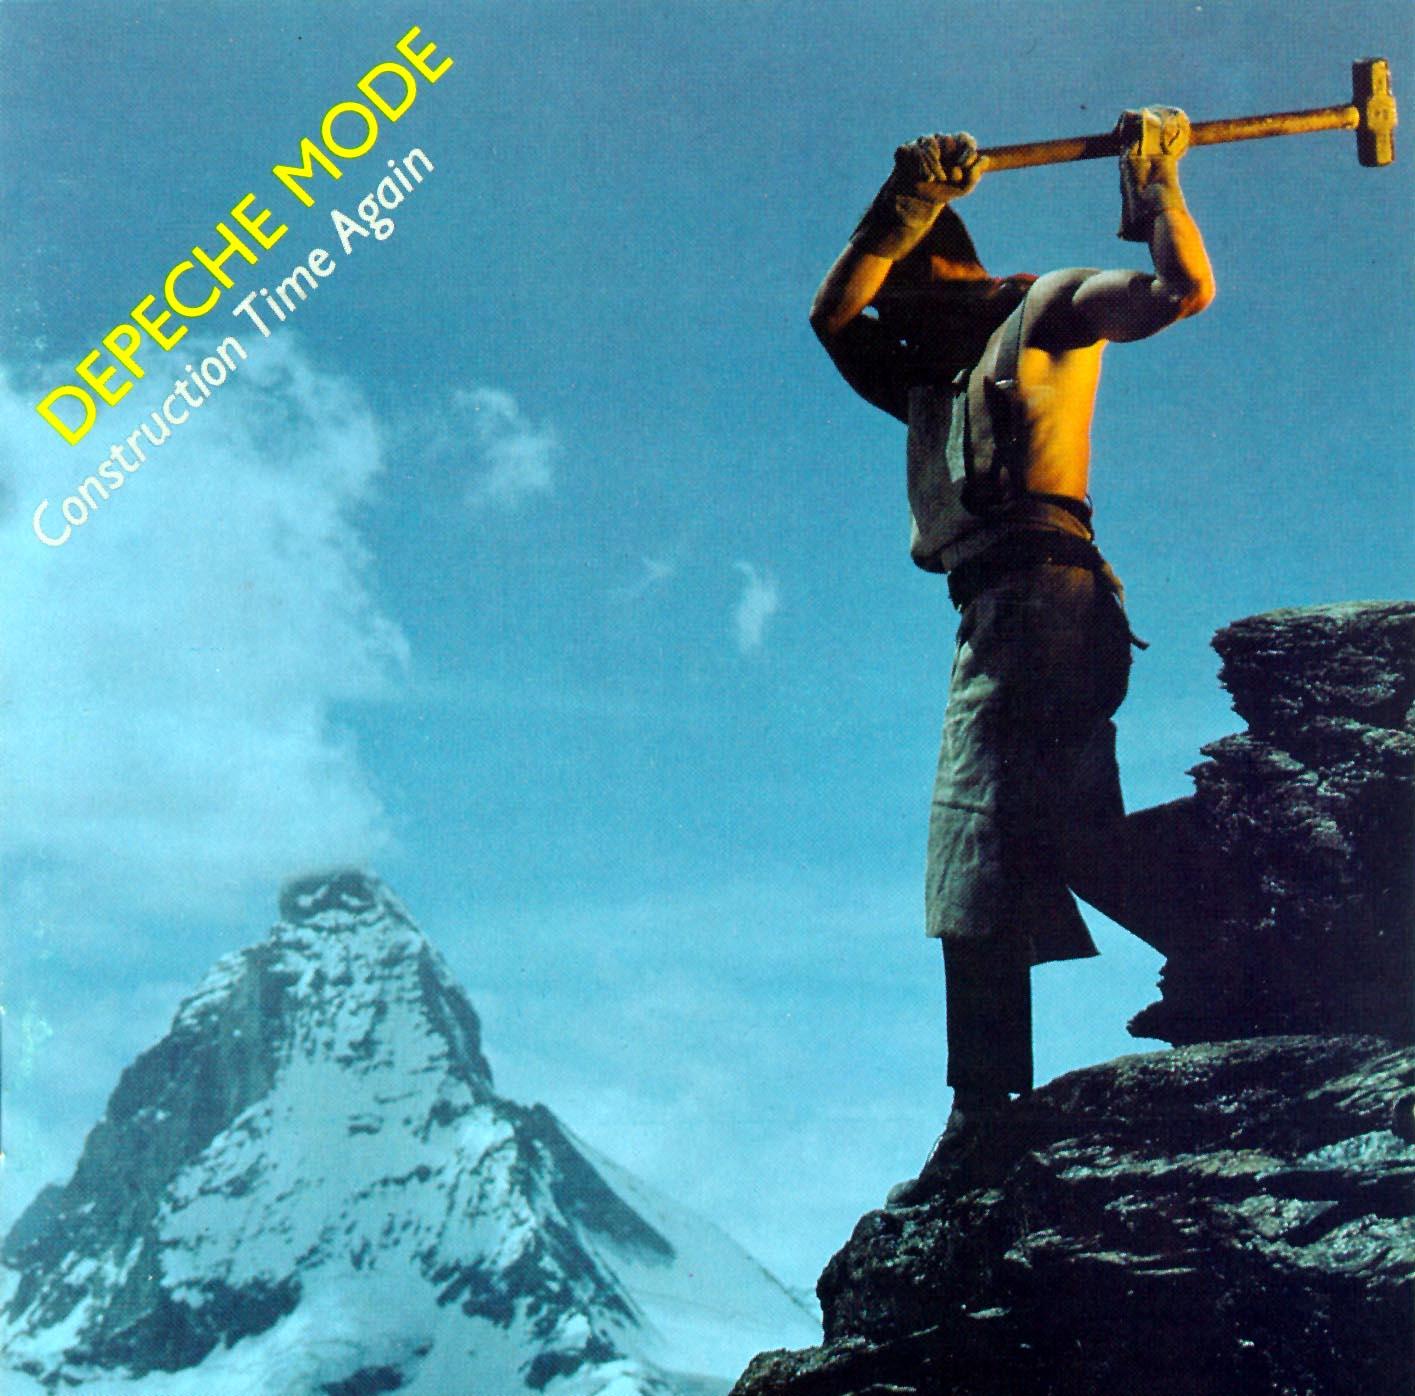 Depeche-Mode-Construction-Time-Again-Delantera